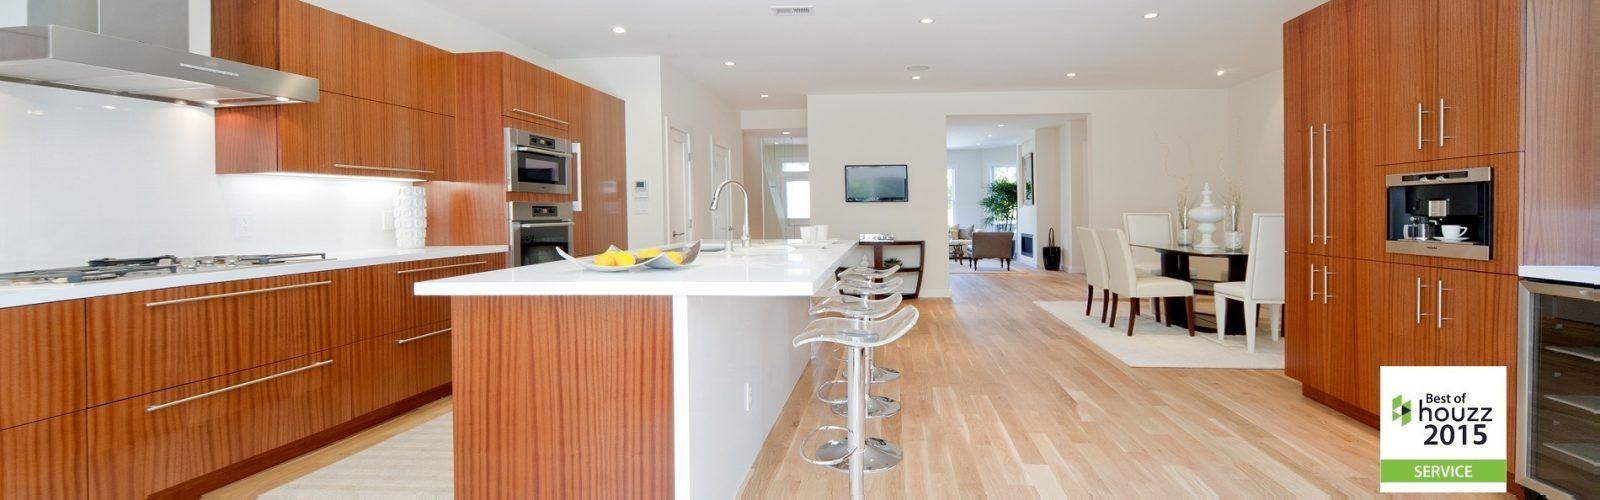 Slider2 1600x500 Jpg Refacing Kitchen Cabinets Kitchen Cabinets Kitchen